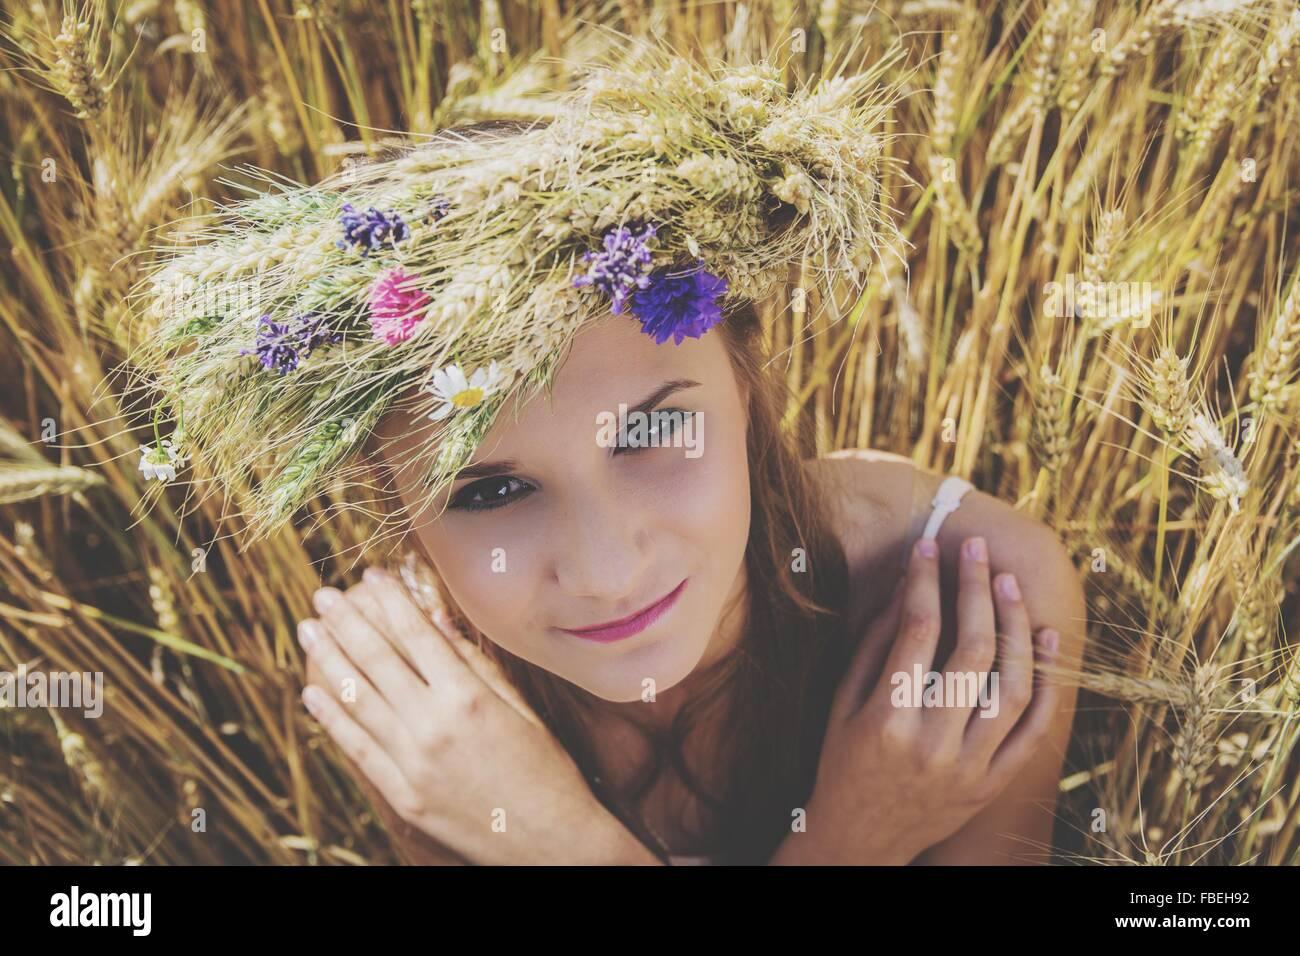 Porträt von schöne junge Frau mit Blumen auf Kopf am Feld Stockbild